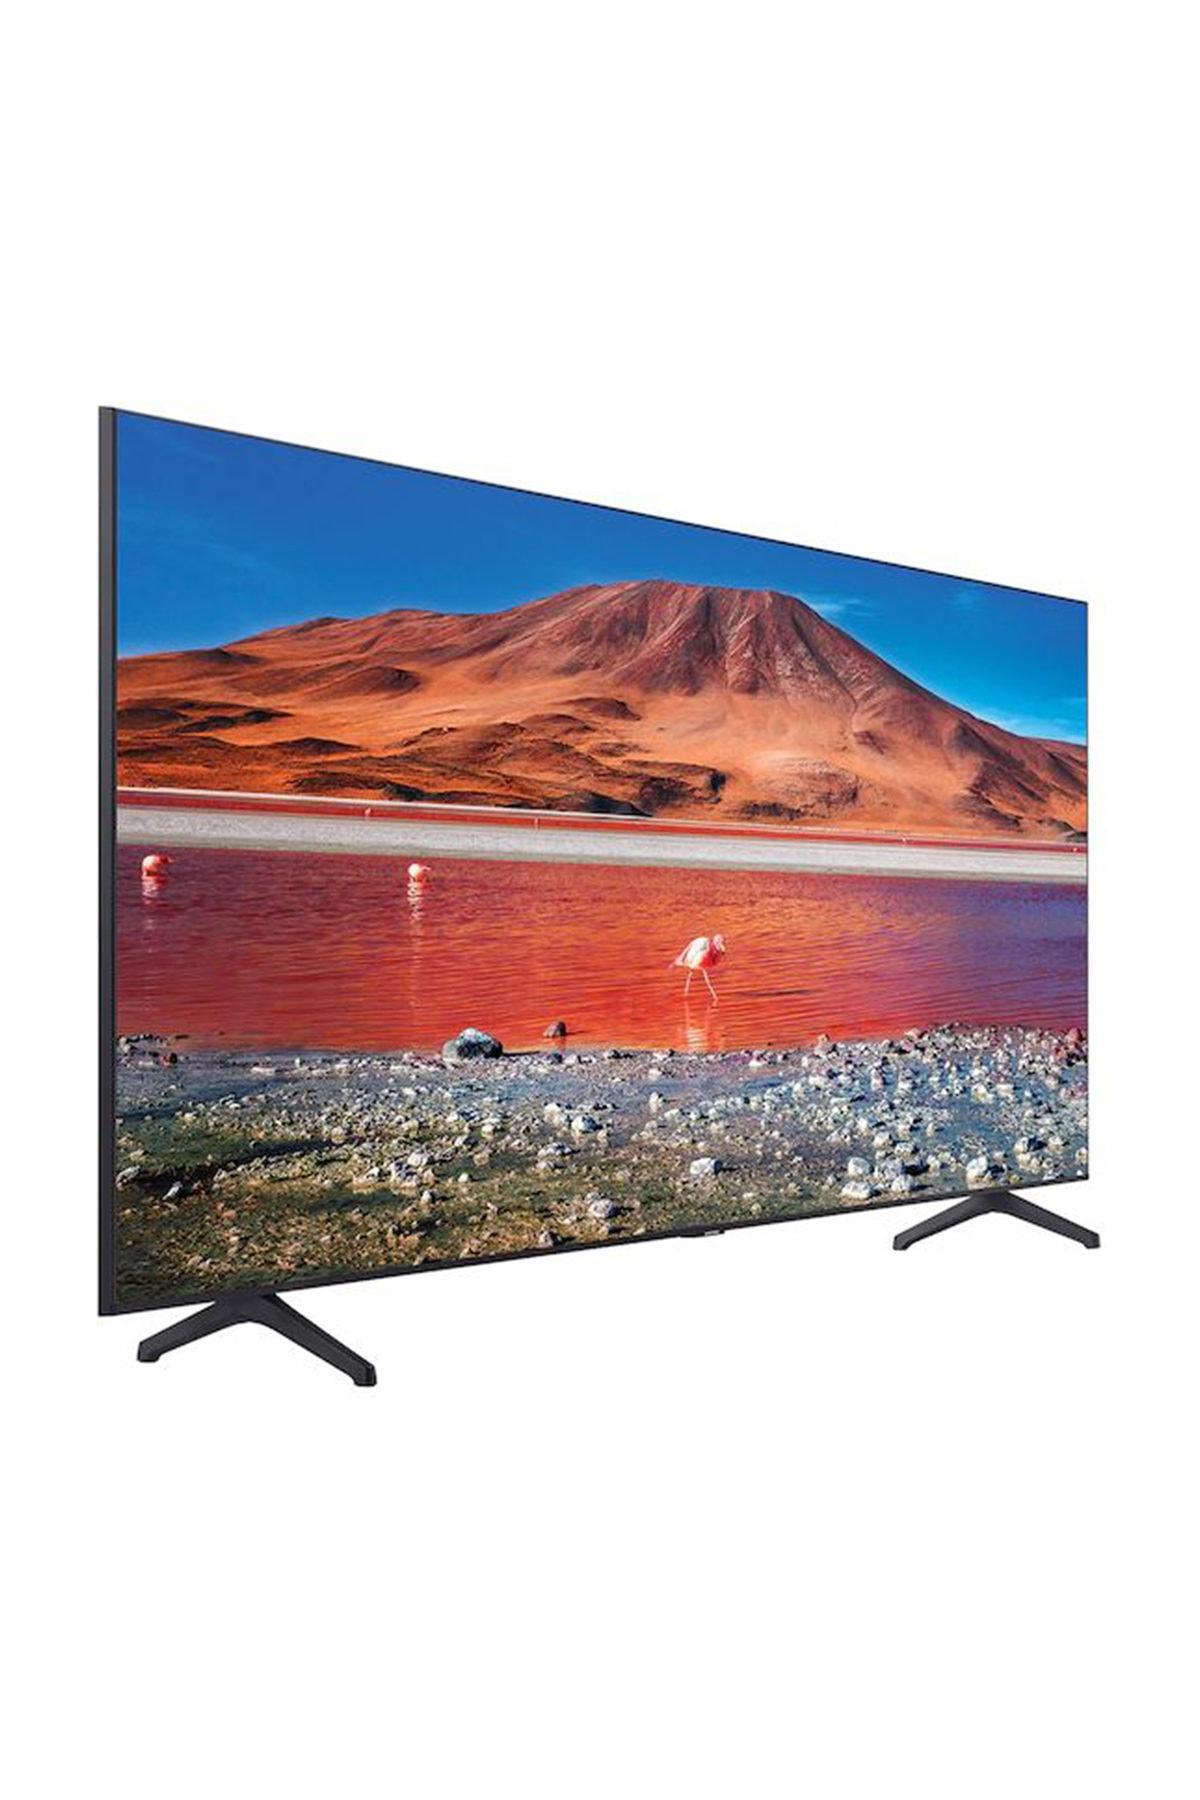 Samsung 58TU7000 58'' 147 Ekran Uydu Alıcılı 4K Ultra HD Smart LED TV Fiyatı,  Yorumları - TRENDYOL